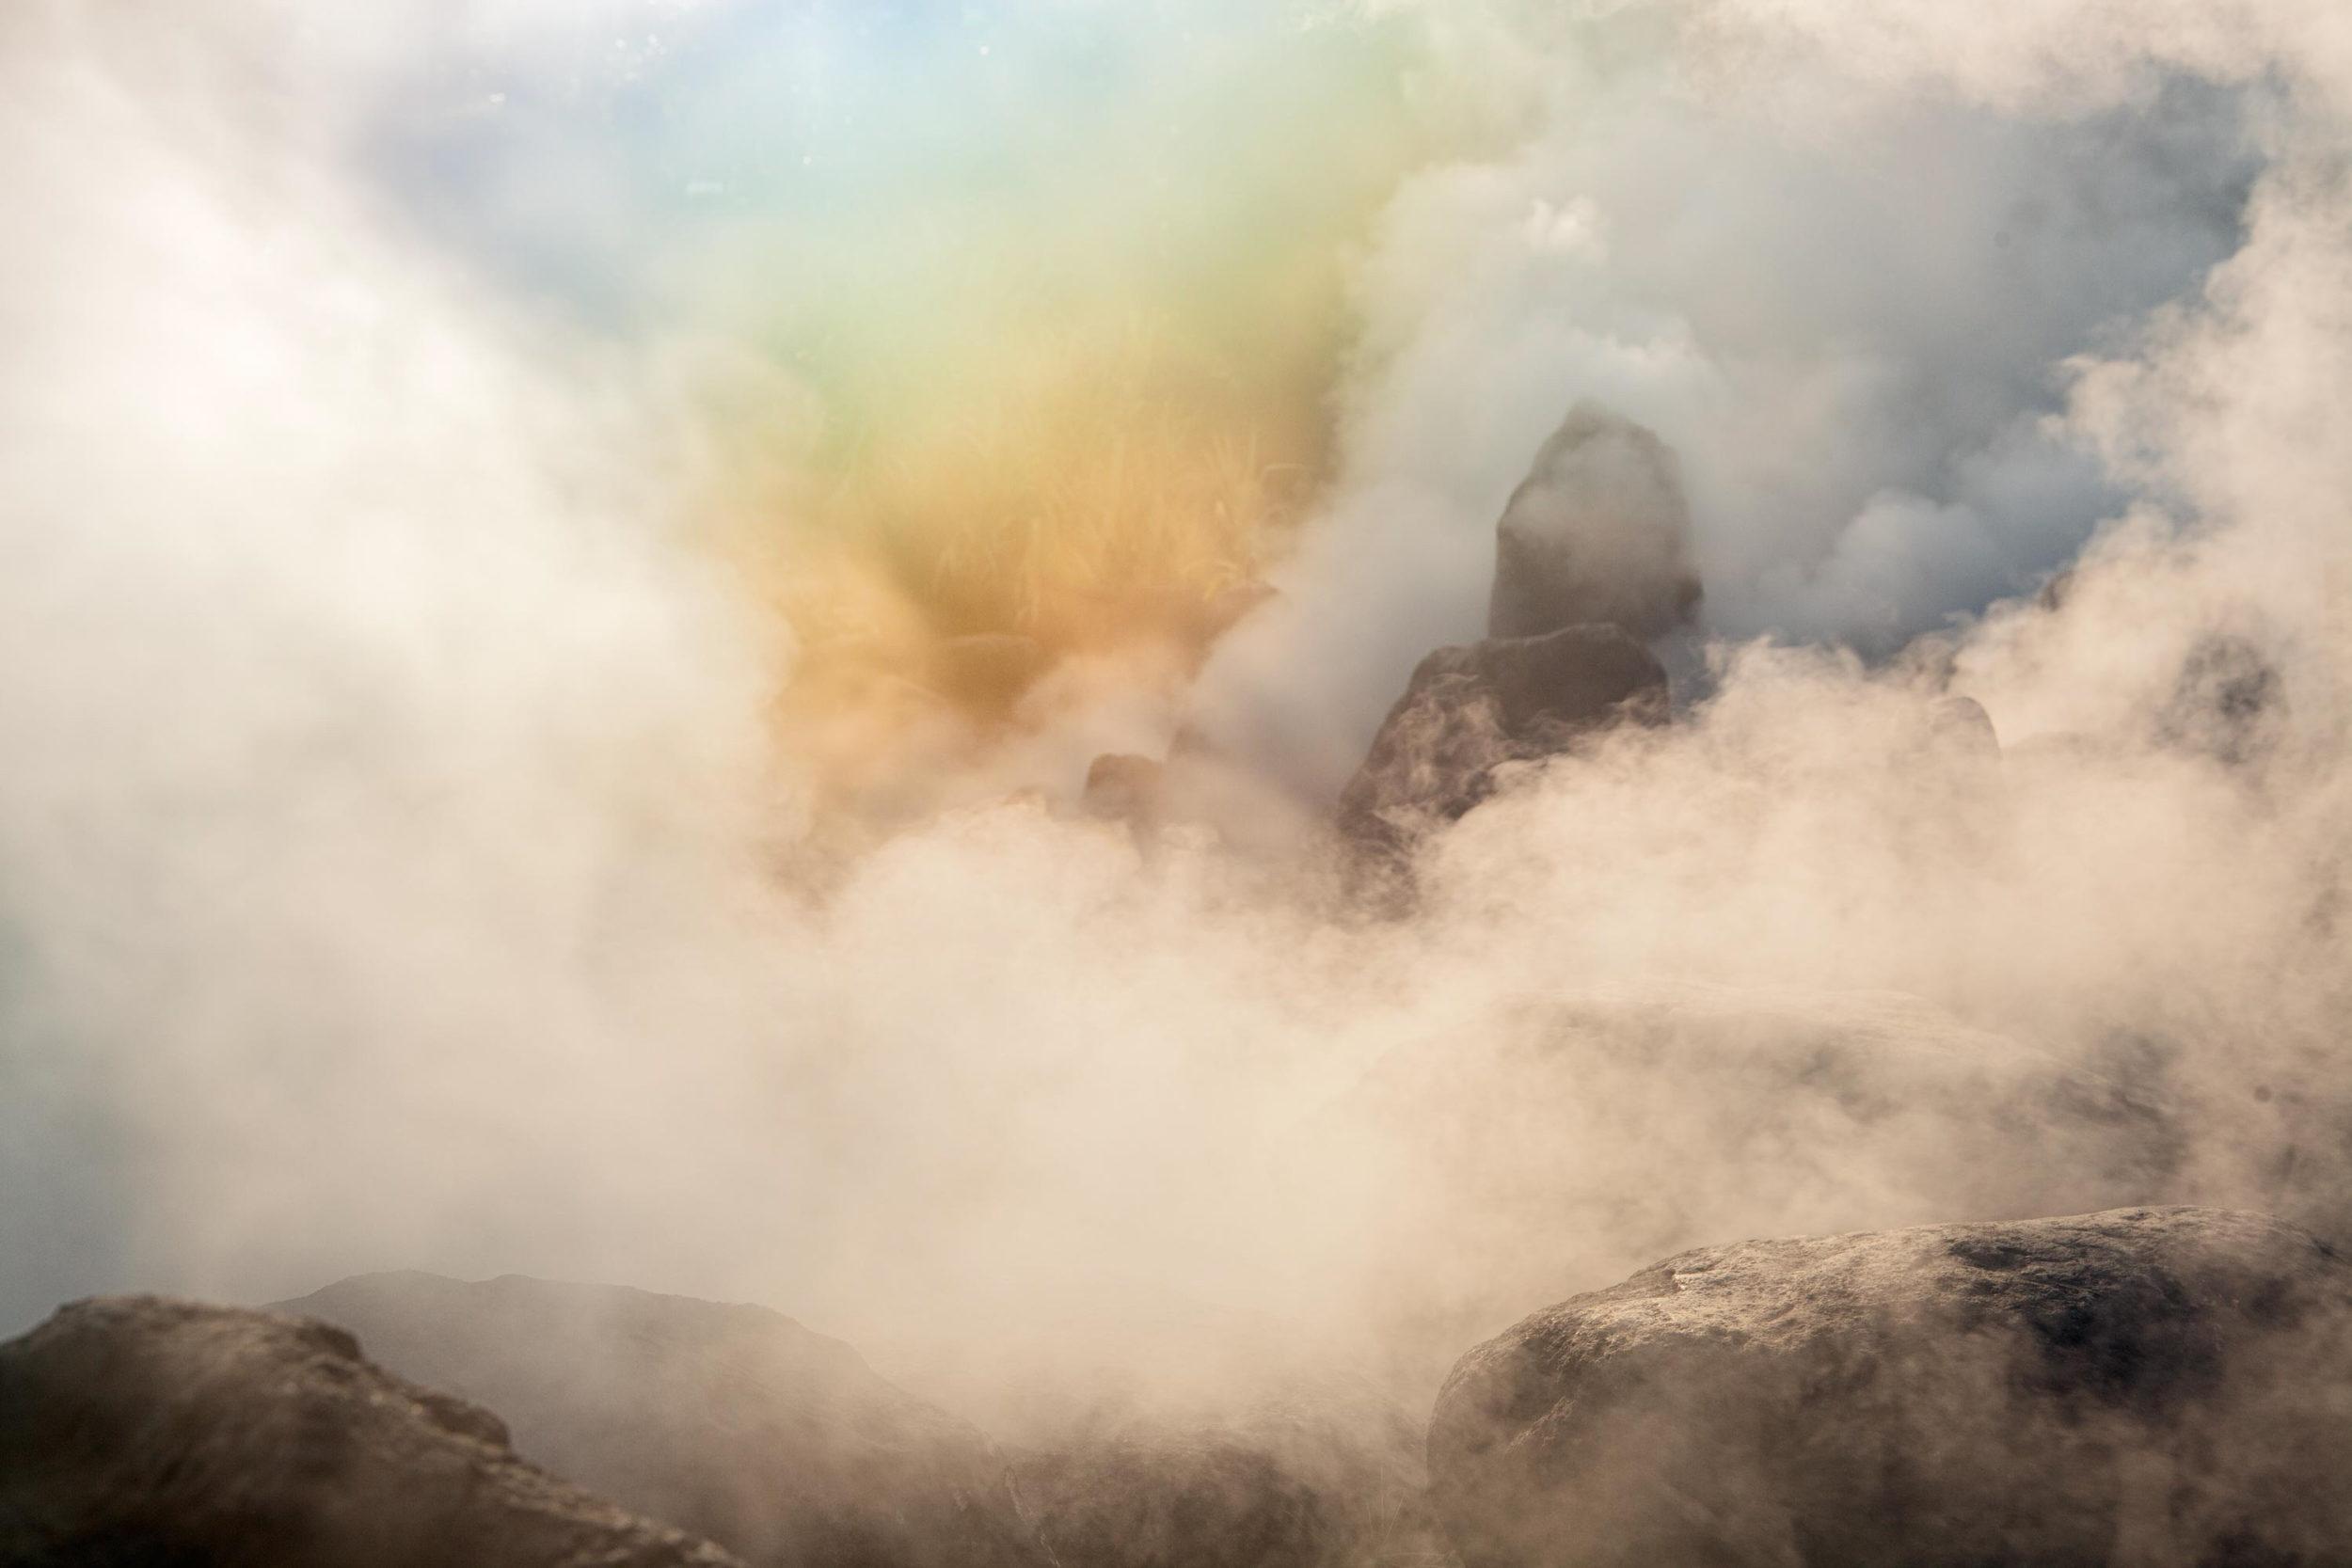 landscapes, Japan, Tom Kluyver, portfolio, photography